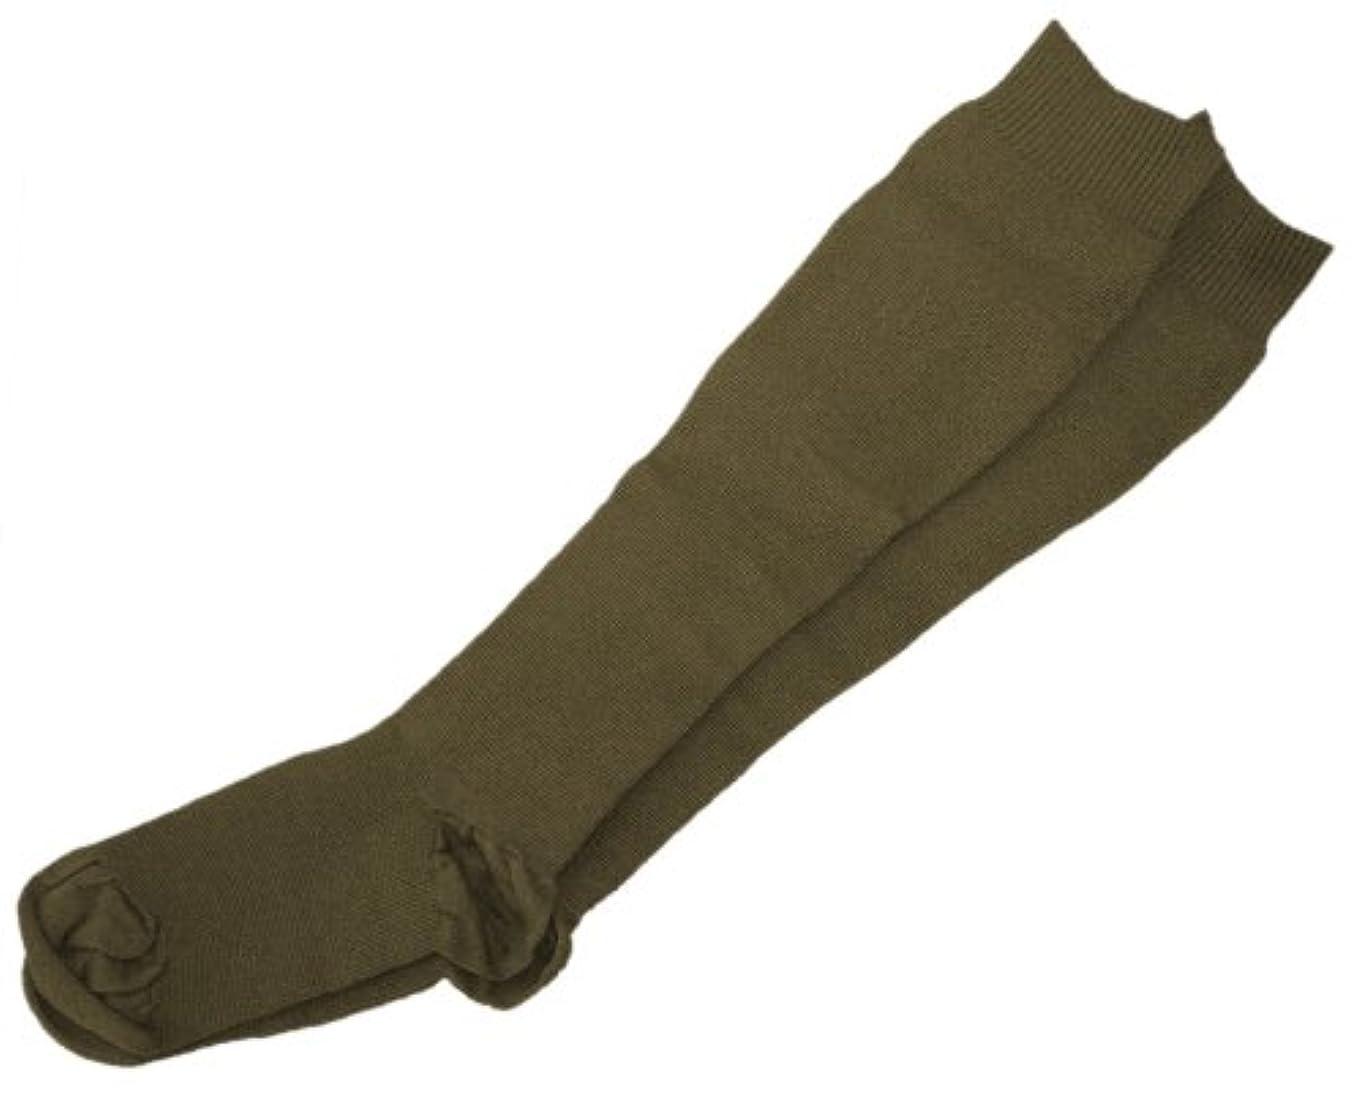 ウィザード手順シンクギロファ スタンダードソックス ブラウン Mサイズ(24.0~25.5cm)